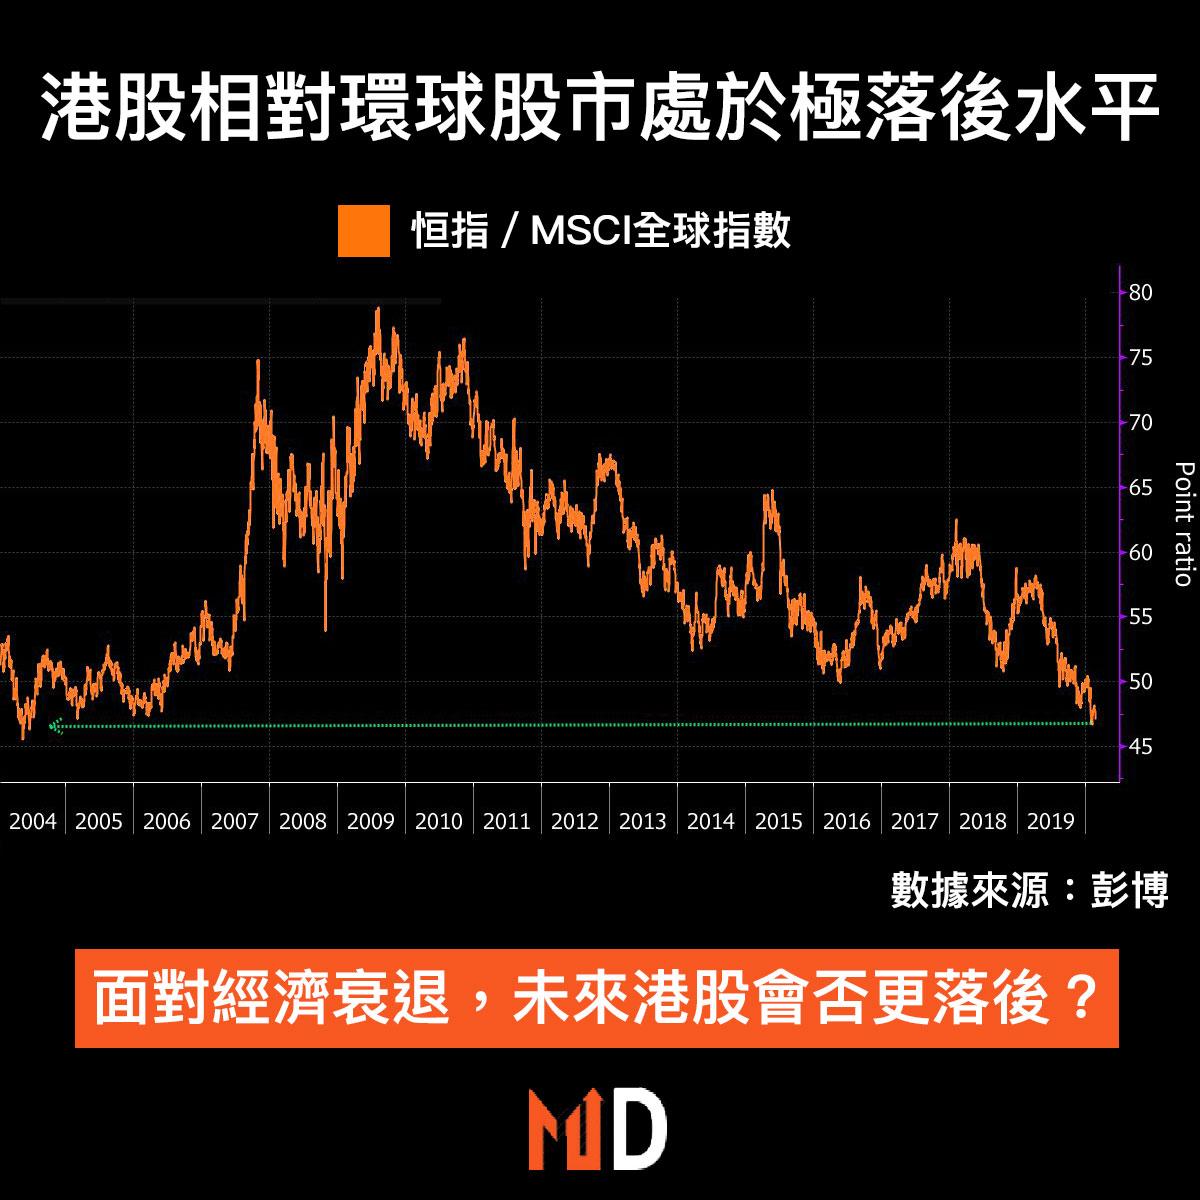 【圖解股市】港股相對環球股市處於極落後水平,面對經濟衰退港股會否繼續積弱?